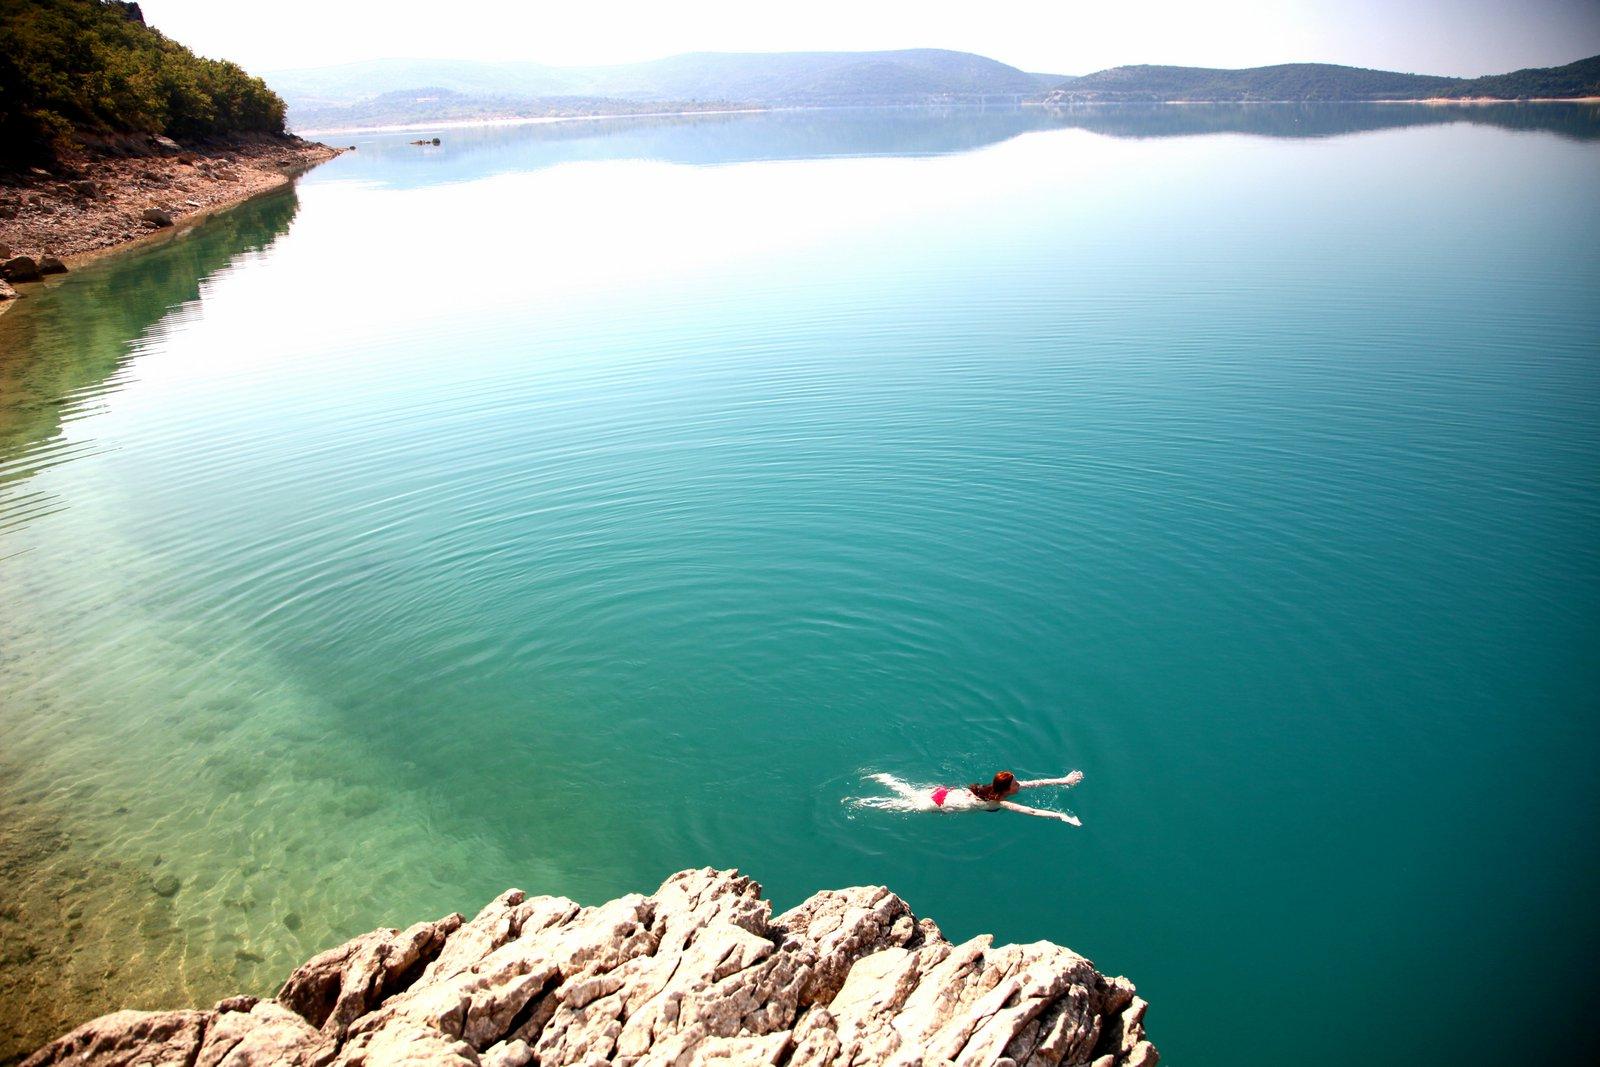 Corse - Baignades Sauvages France: Les Plus Beaux Lacs ... intérieur Piscine Naturelle D Eau Chaude Corse Du Sud